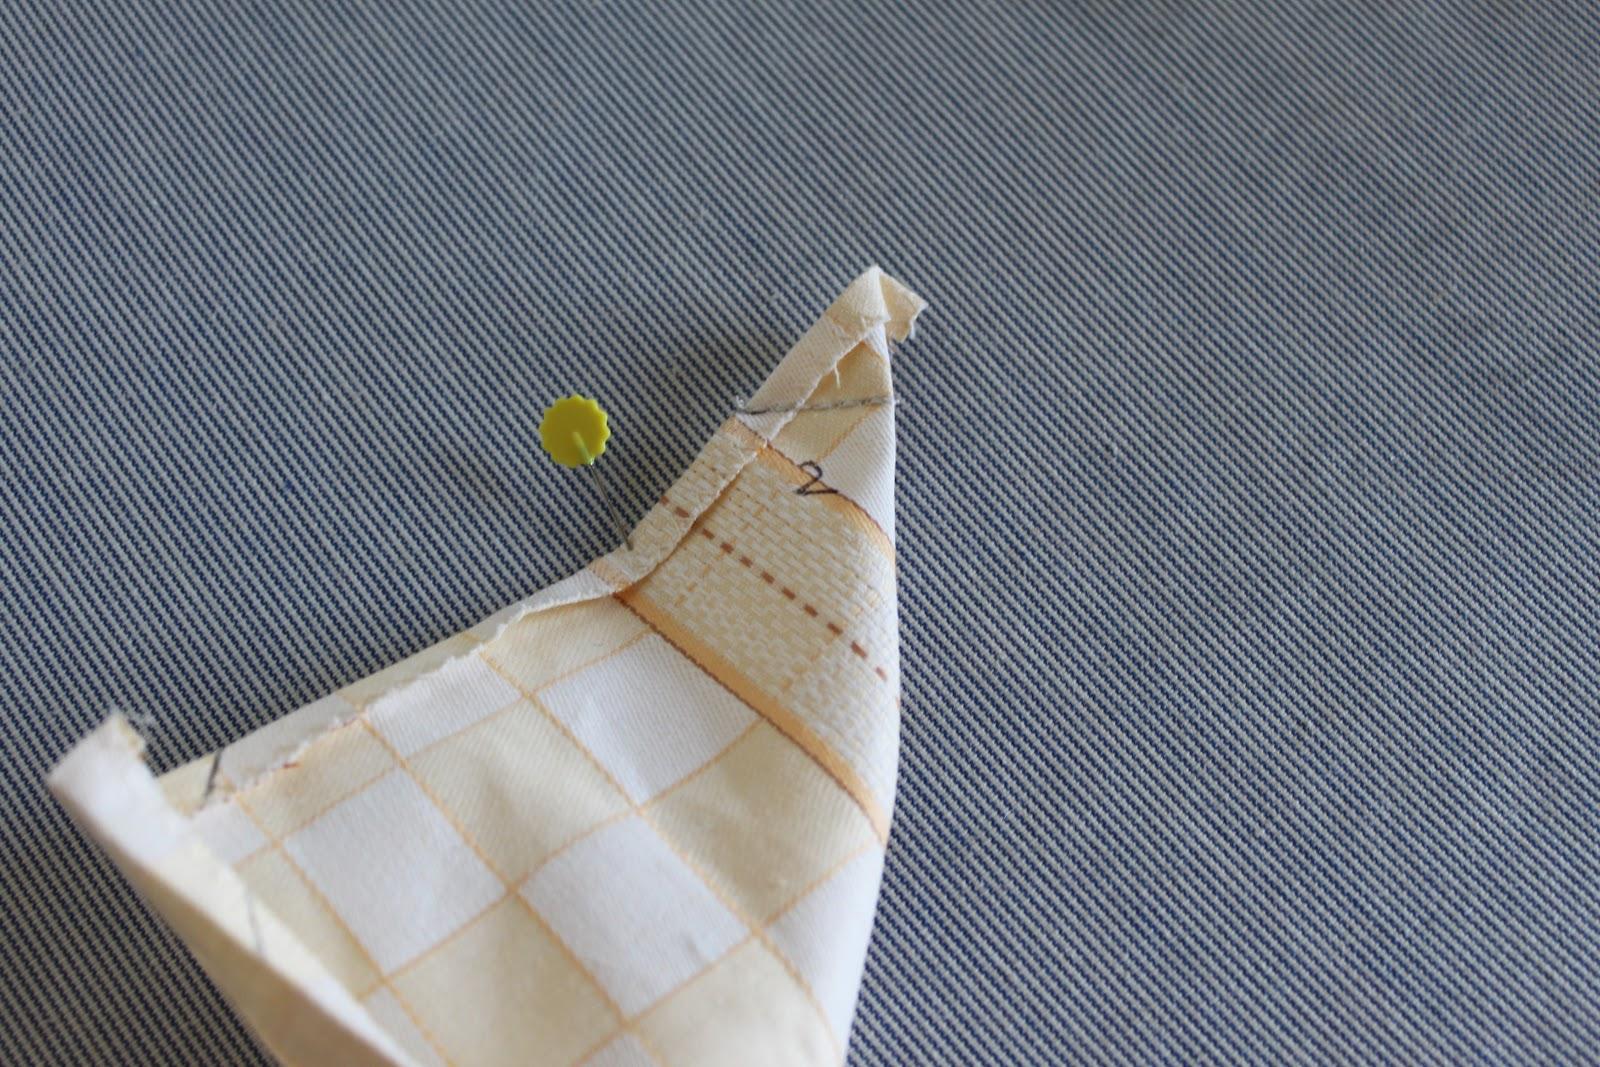 Scuola di cucito: Come cucire una tovaglia con i tovaglioli